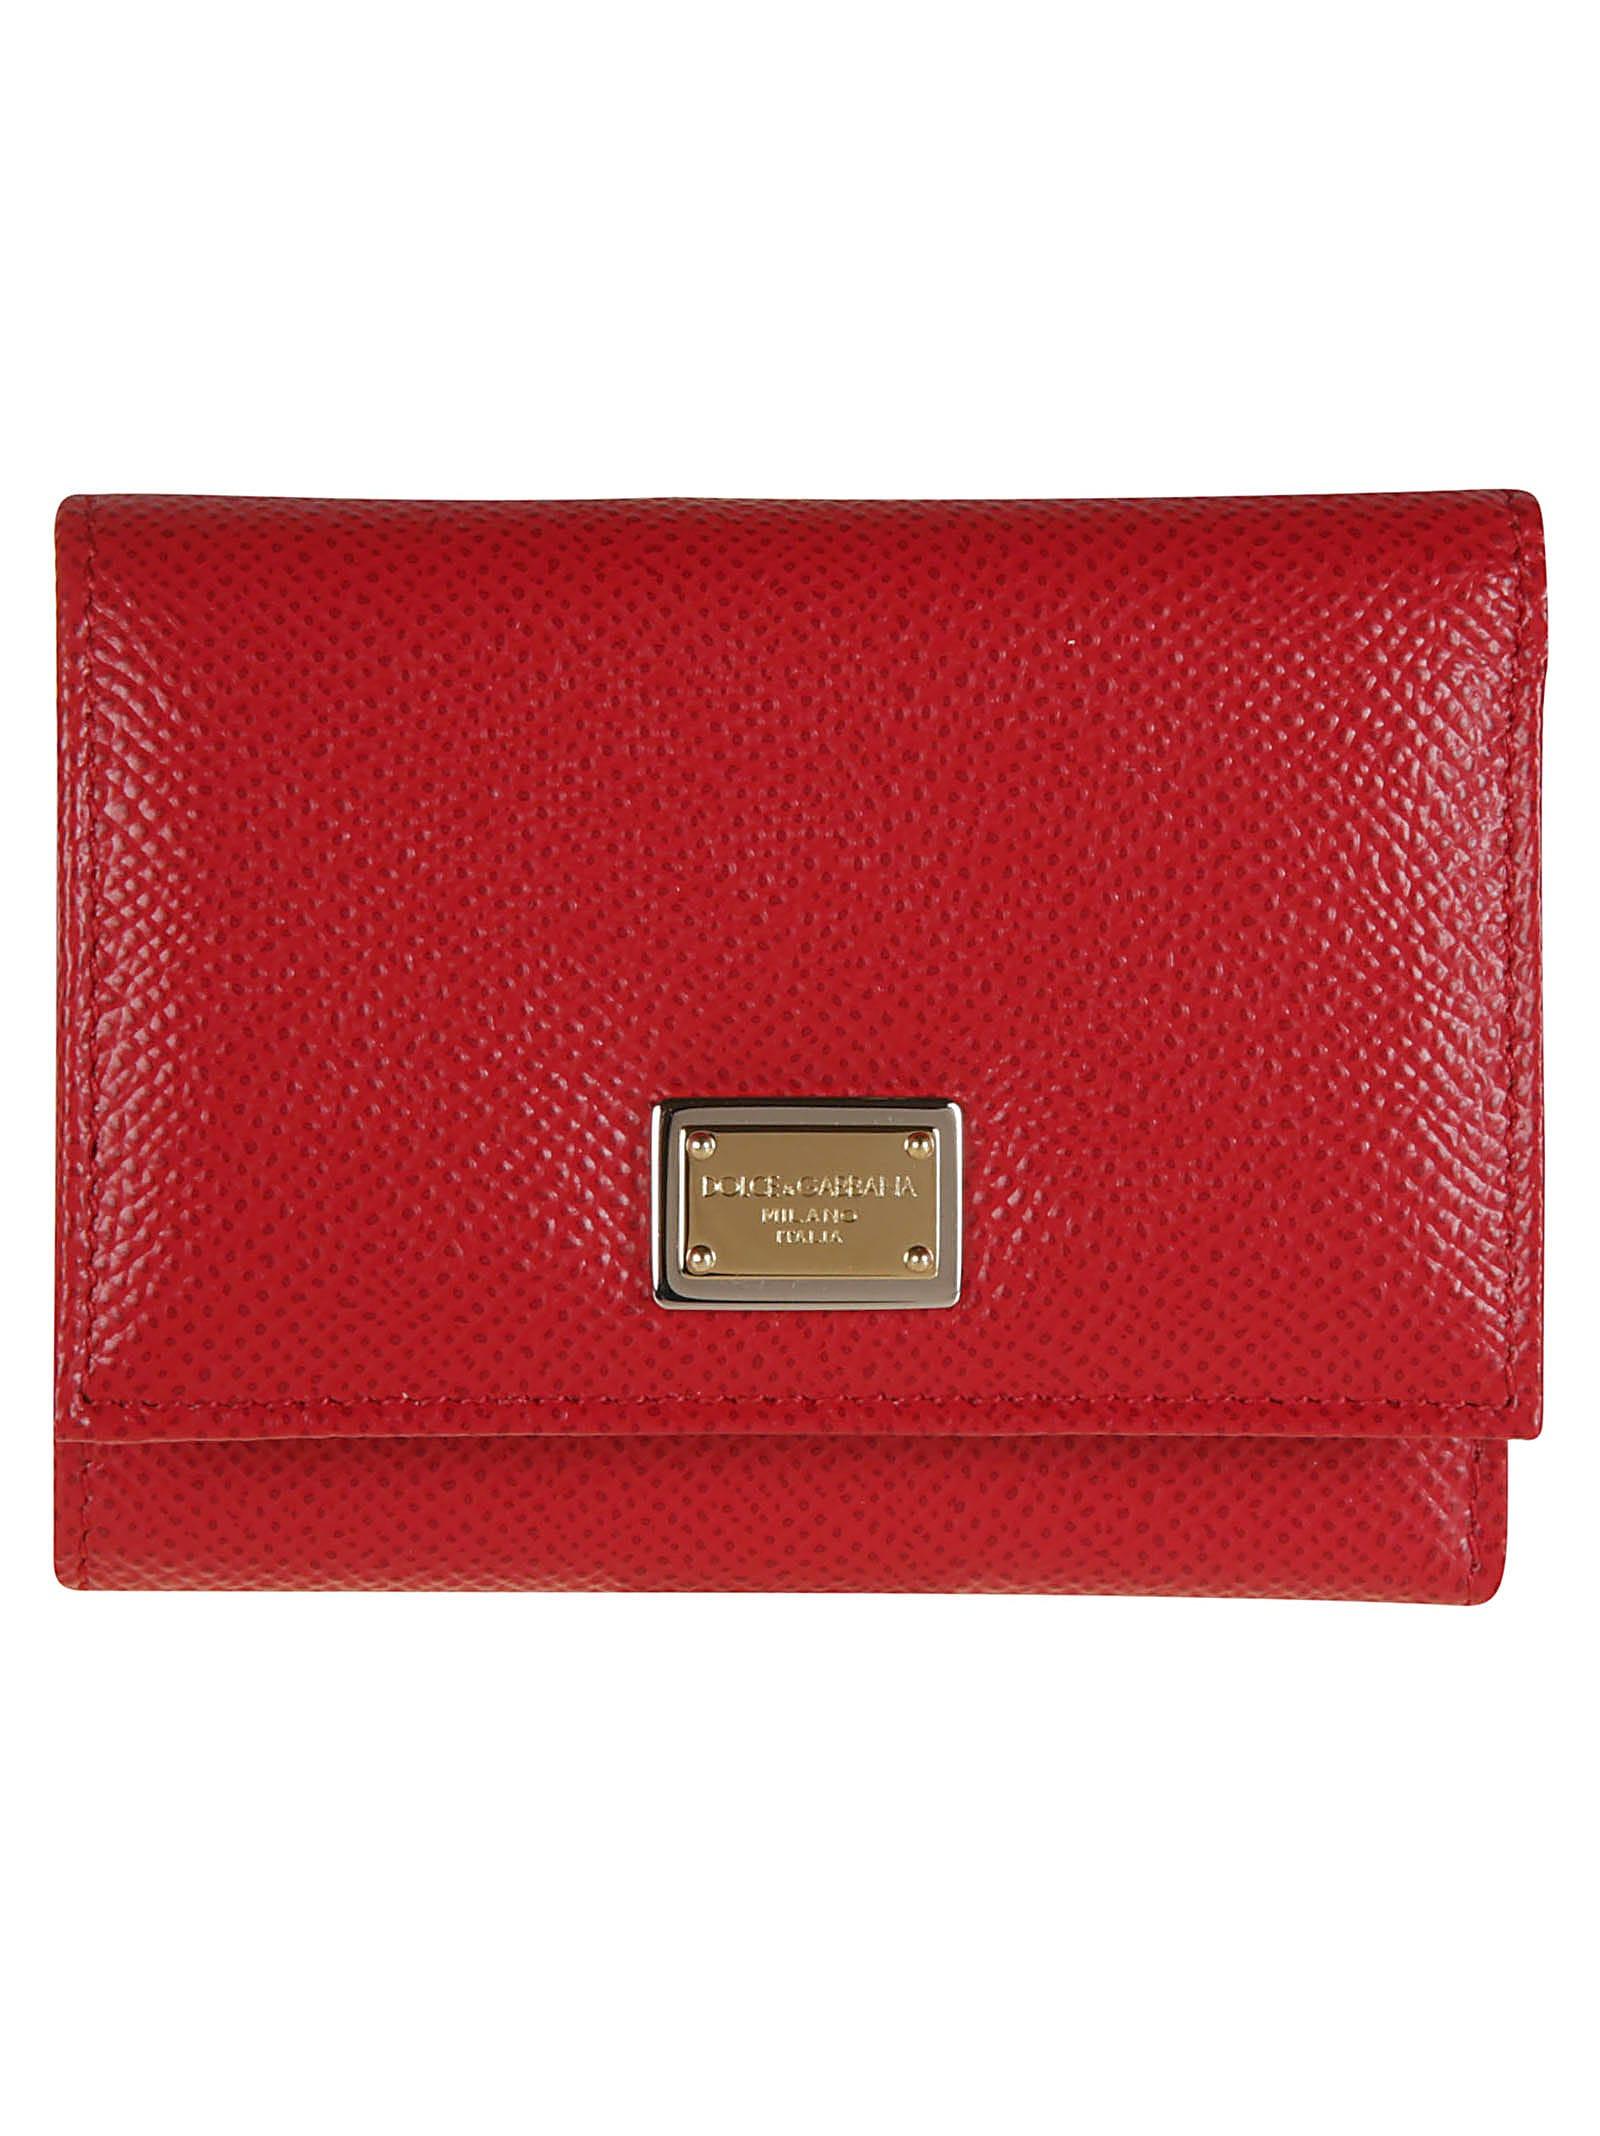 Dolce & Gabbana St. Dauphine Wallet